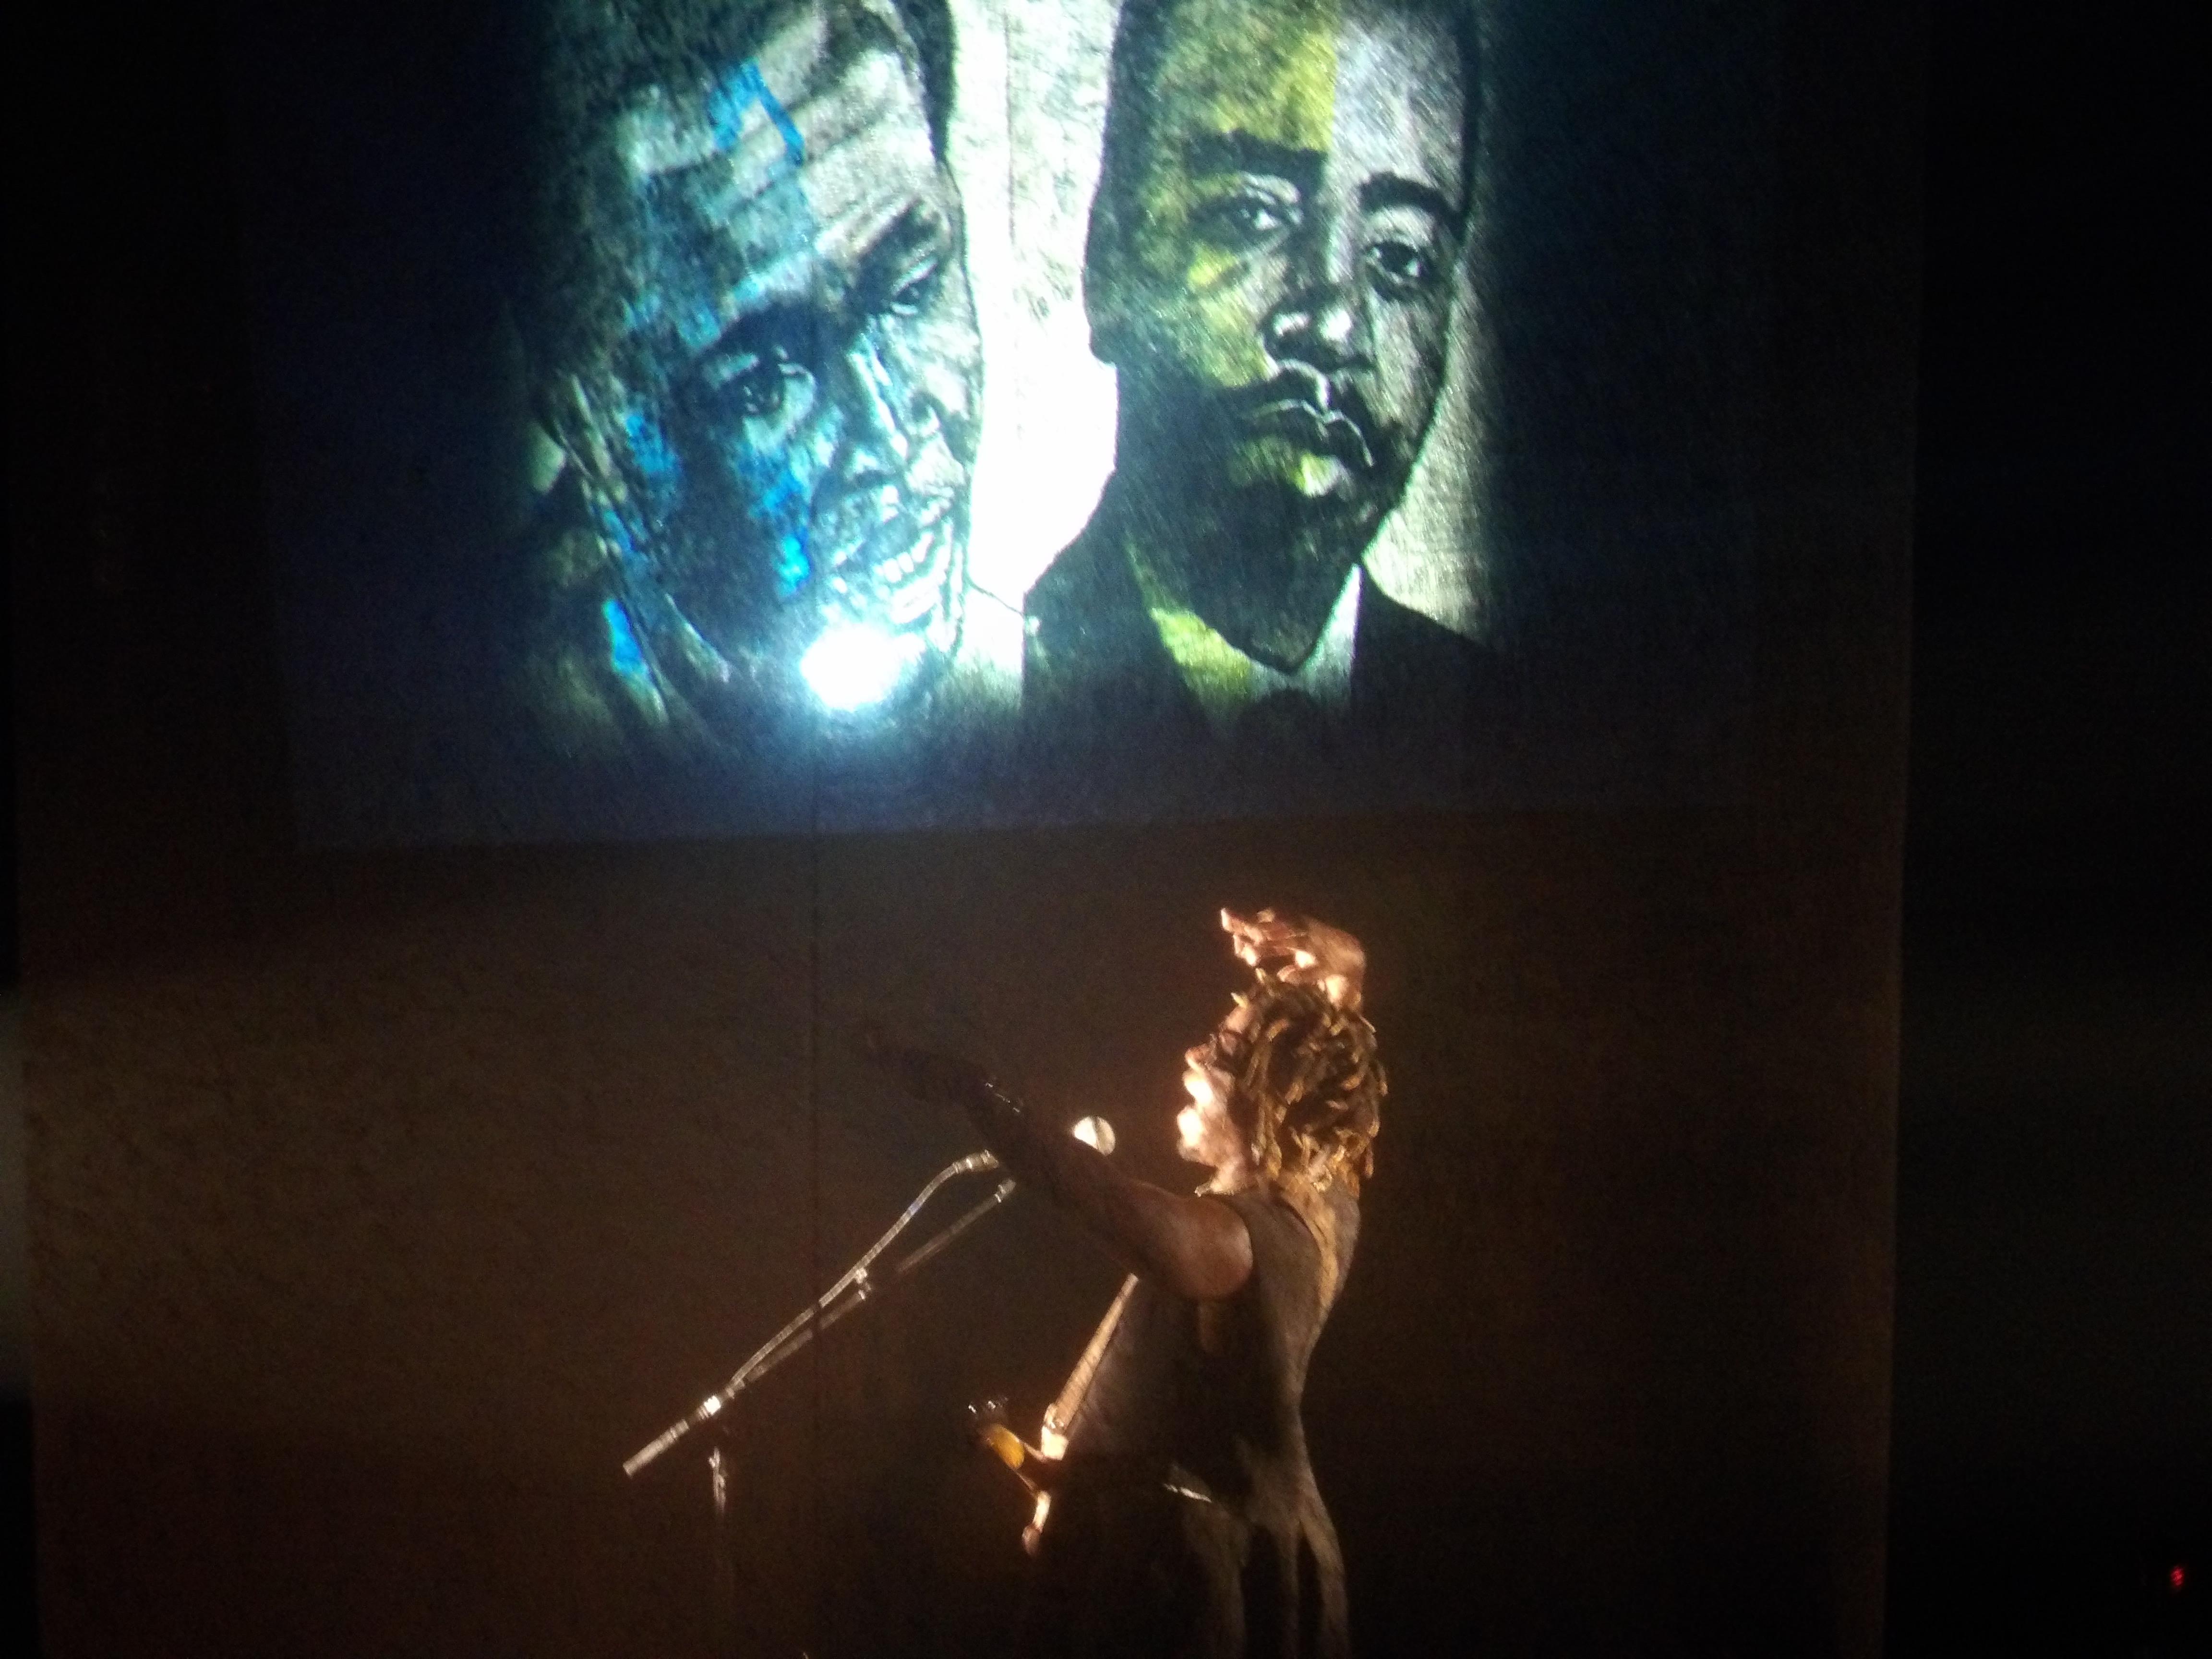 le 20 avril, sur la scène du théâtre Jacques de Coeur de Bourges, l'artiste Camerounais a rendu hommage à Um Nyobè, dans le cadre du célèbre Printemps de cette ville.